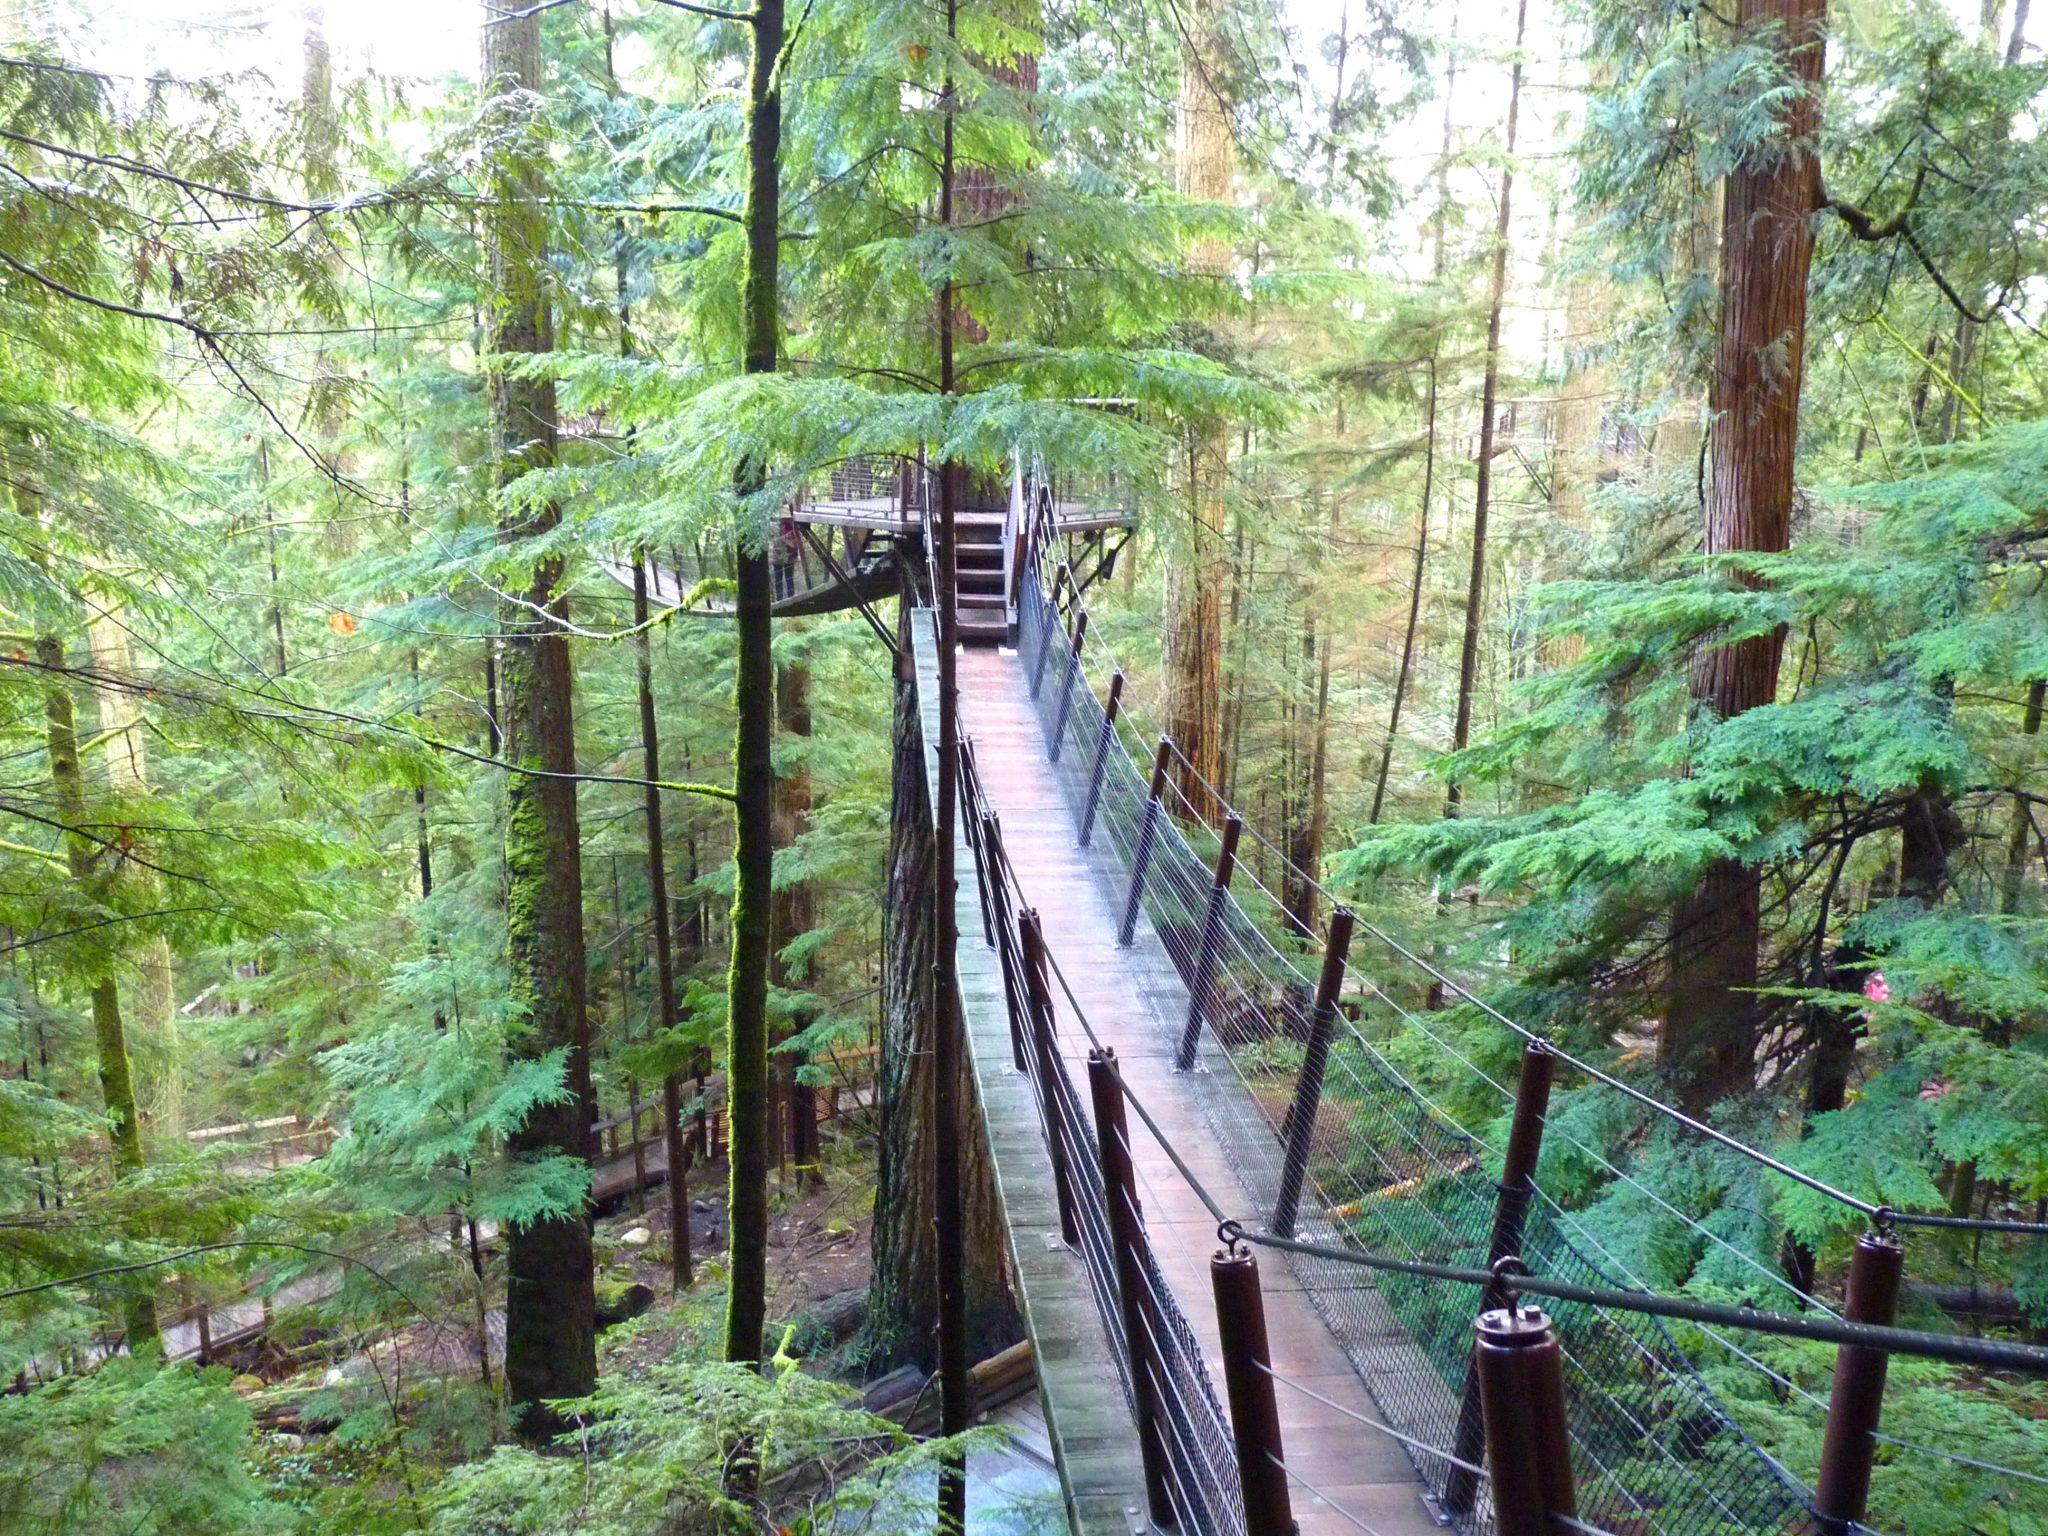 Treetops Adventure 01 Capilano Suspension Bridge Park Vancouver Canadá Mundo Indefinido